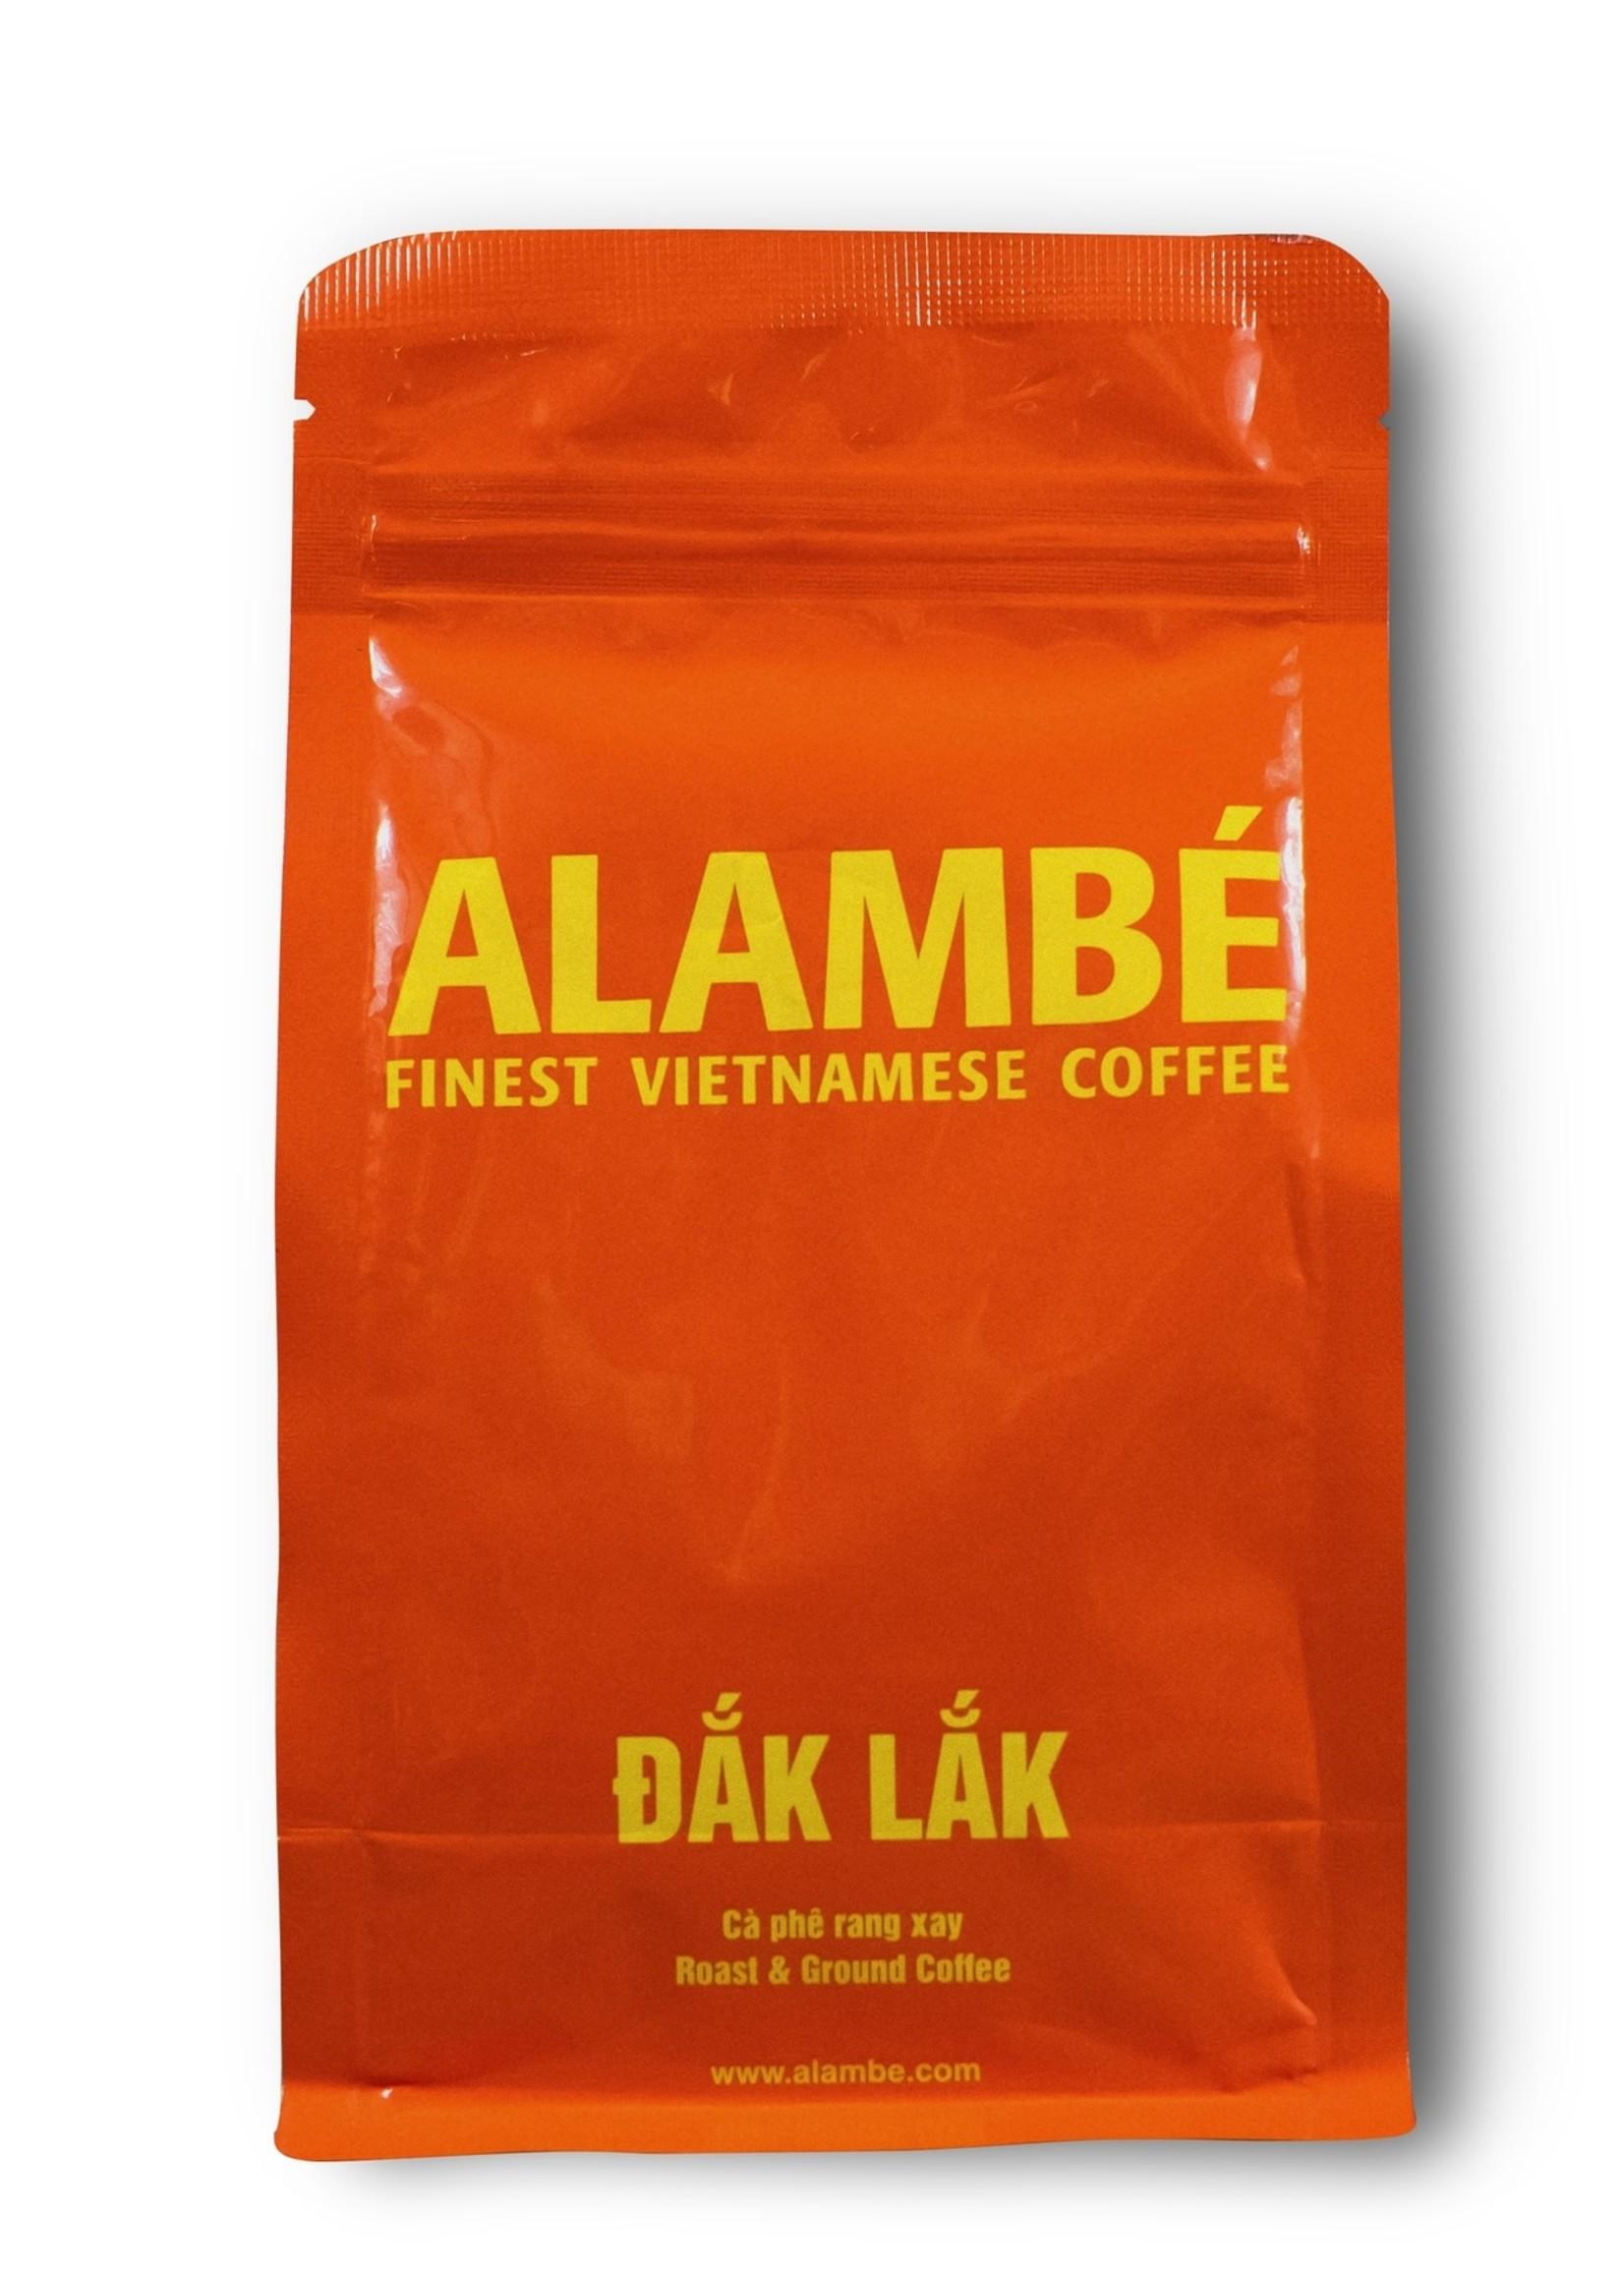 Alambé - Finest Vietnamese Coffee Dak Lak - 100% Robusta im traditionellen vietnamesischen Stil (230g Bohnenkaffee)